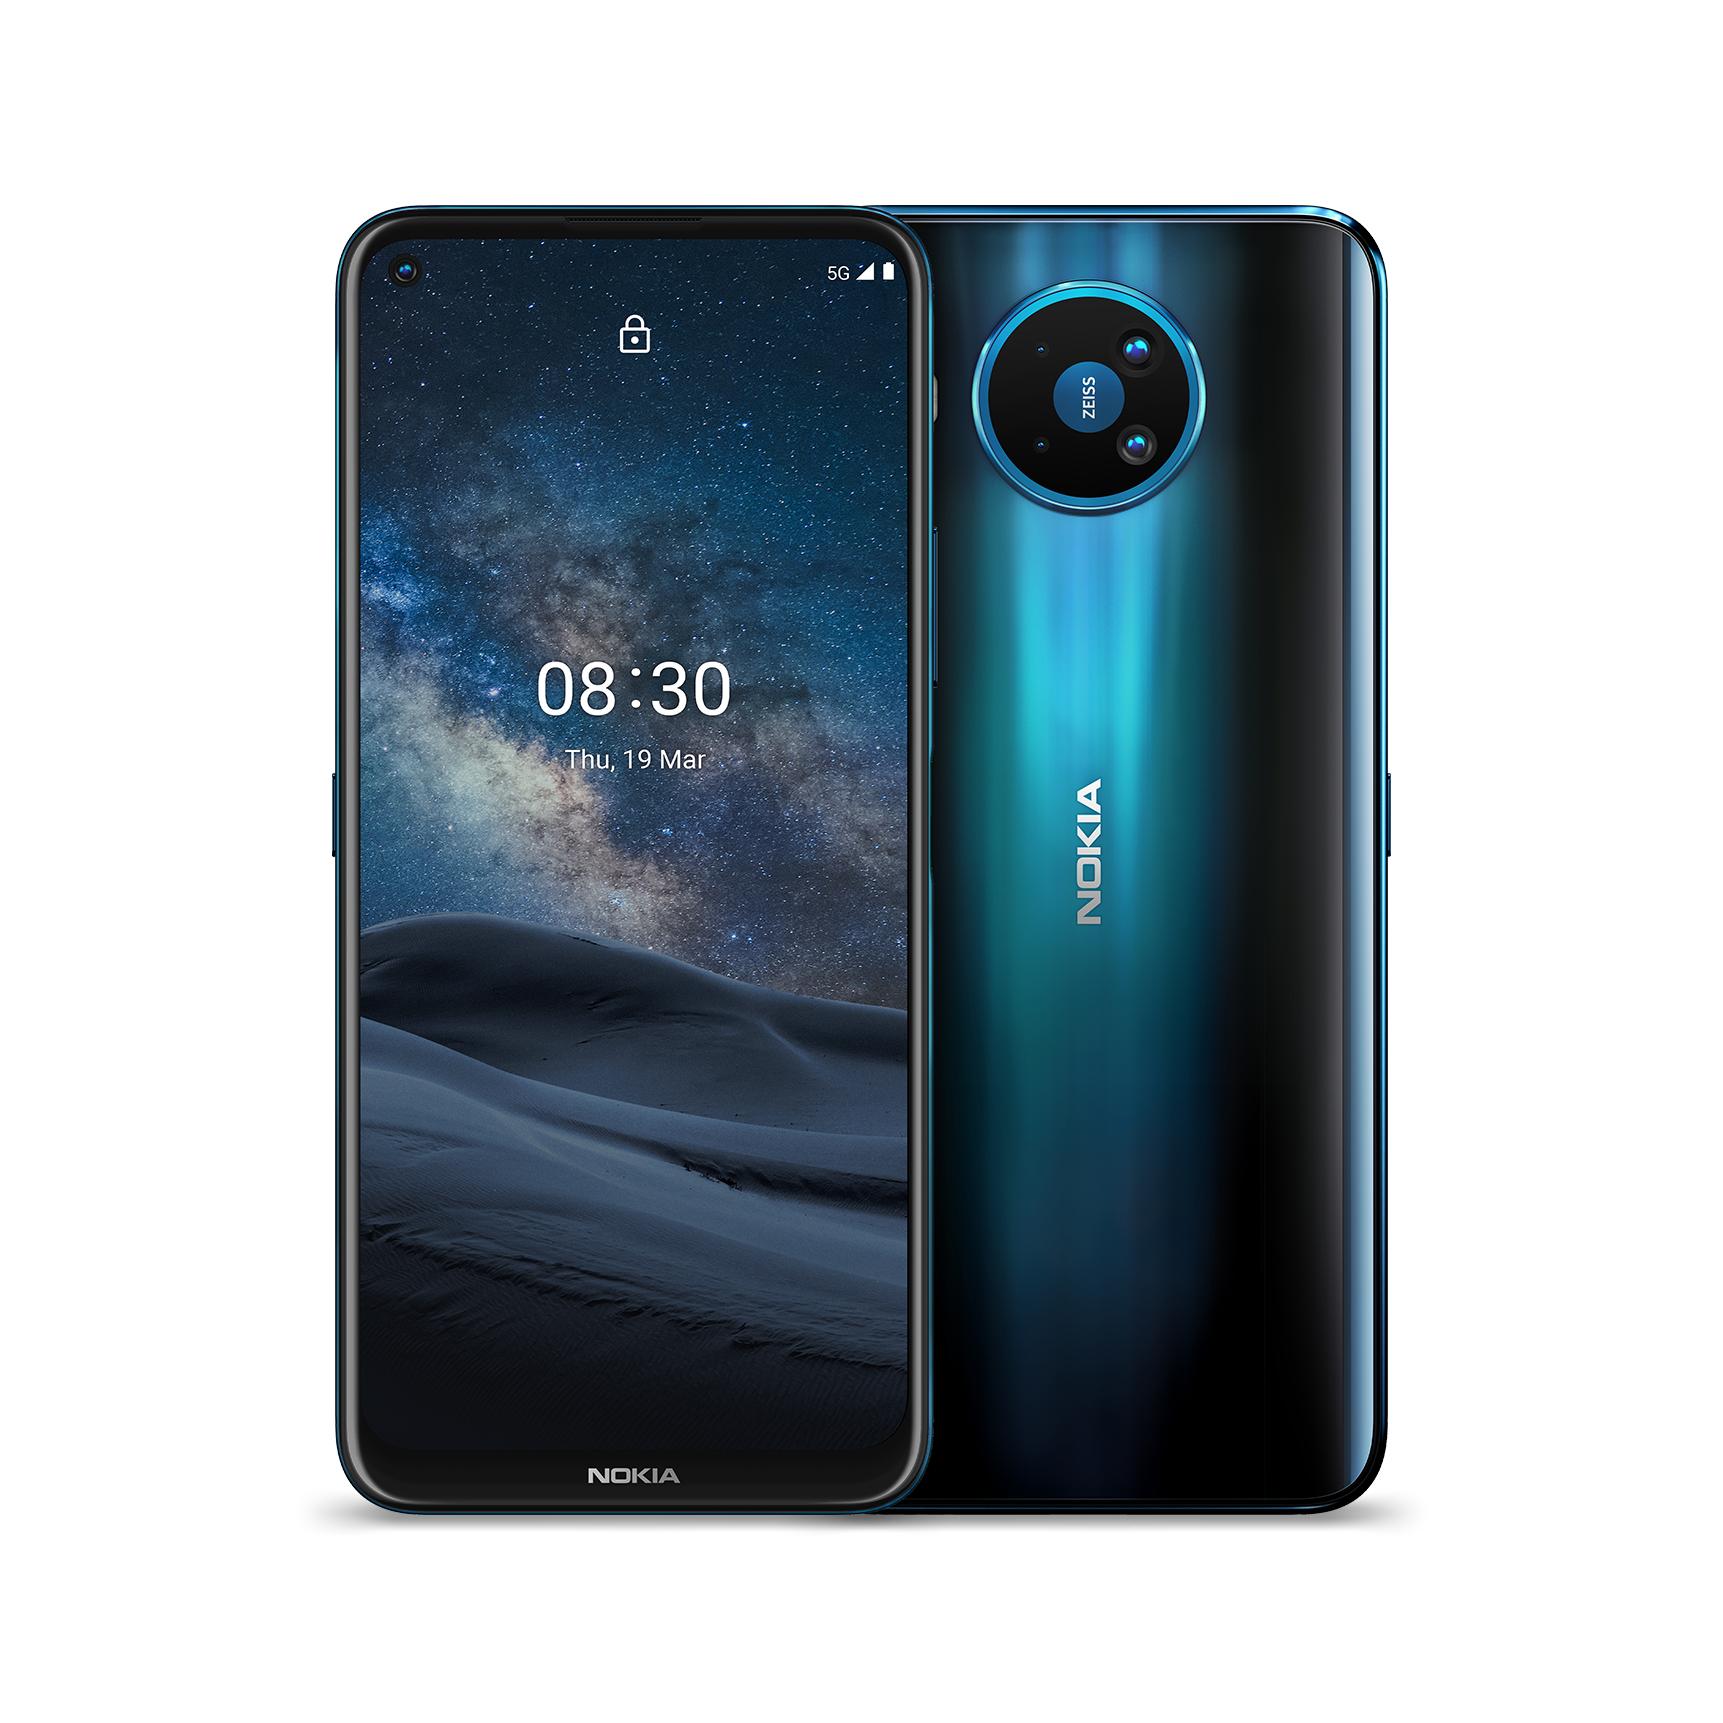 """Smartphone 6.8"""" Nokia 8.3 5G - 128Go, 8Go RAM, Snapdragon 765G, 64MP, 4500mAh (nokia.com)"""